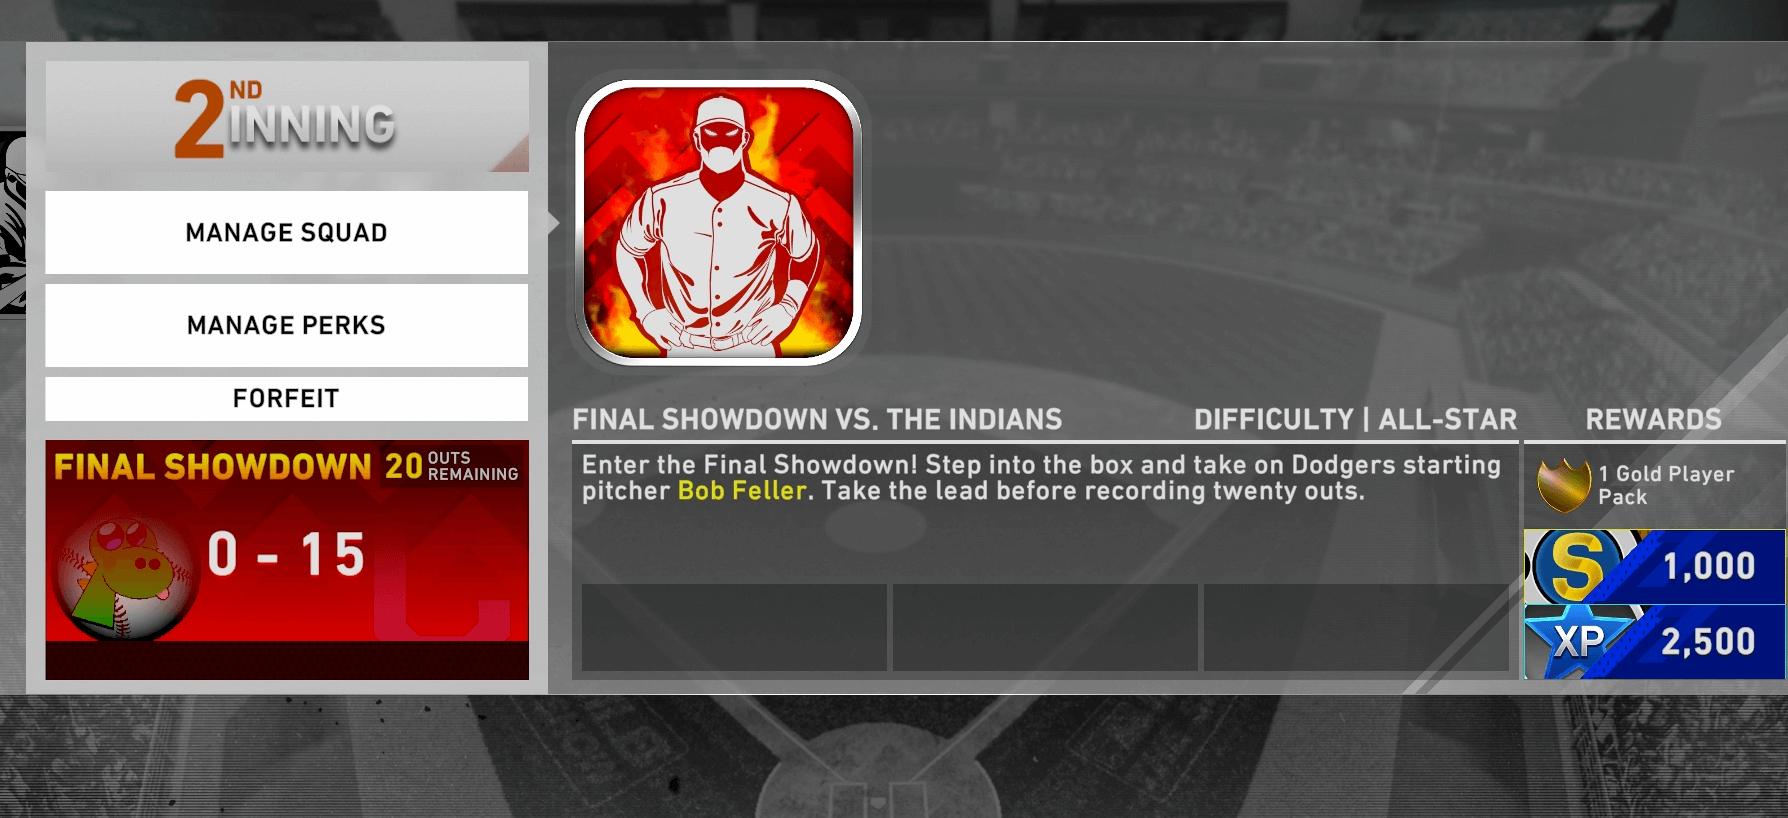 second inning showdown final boss